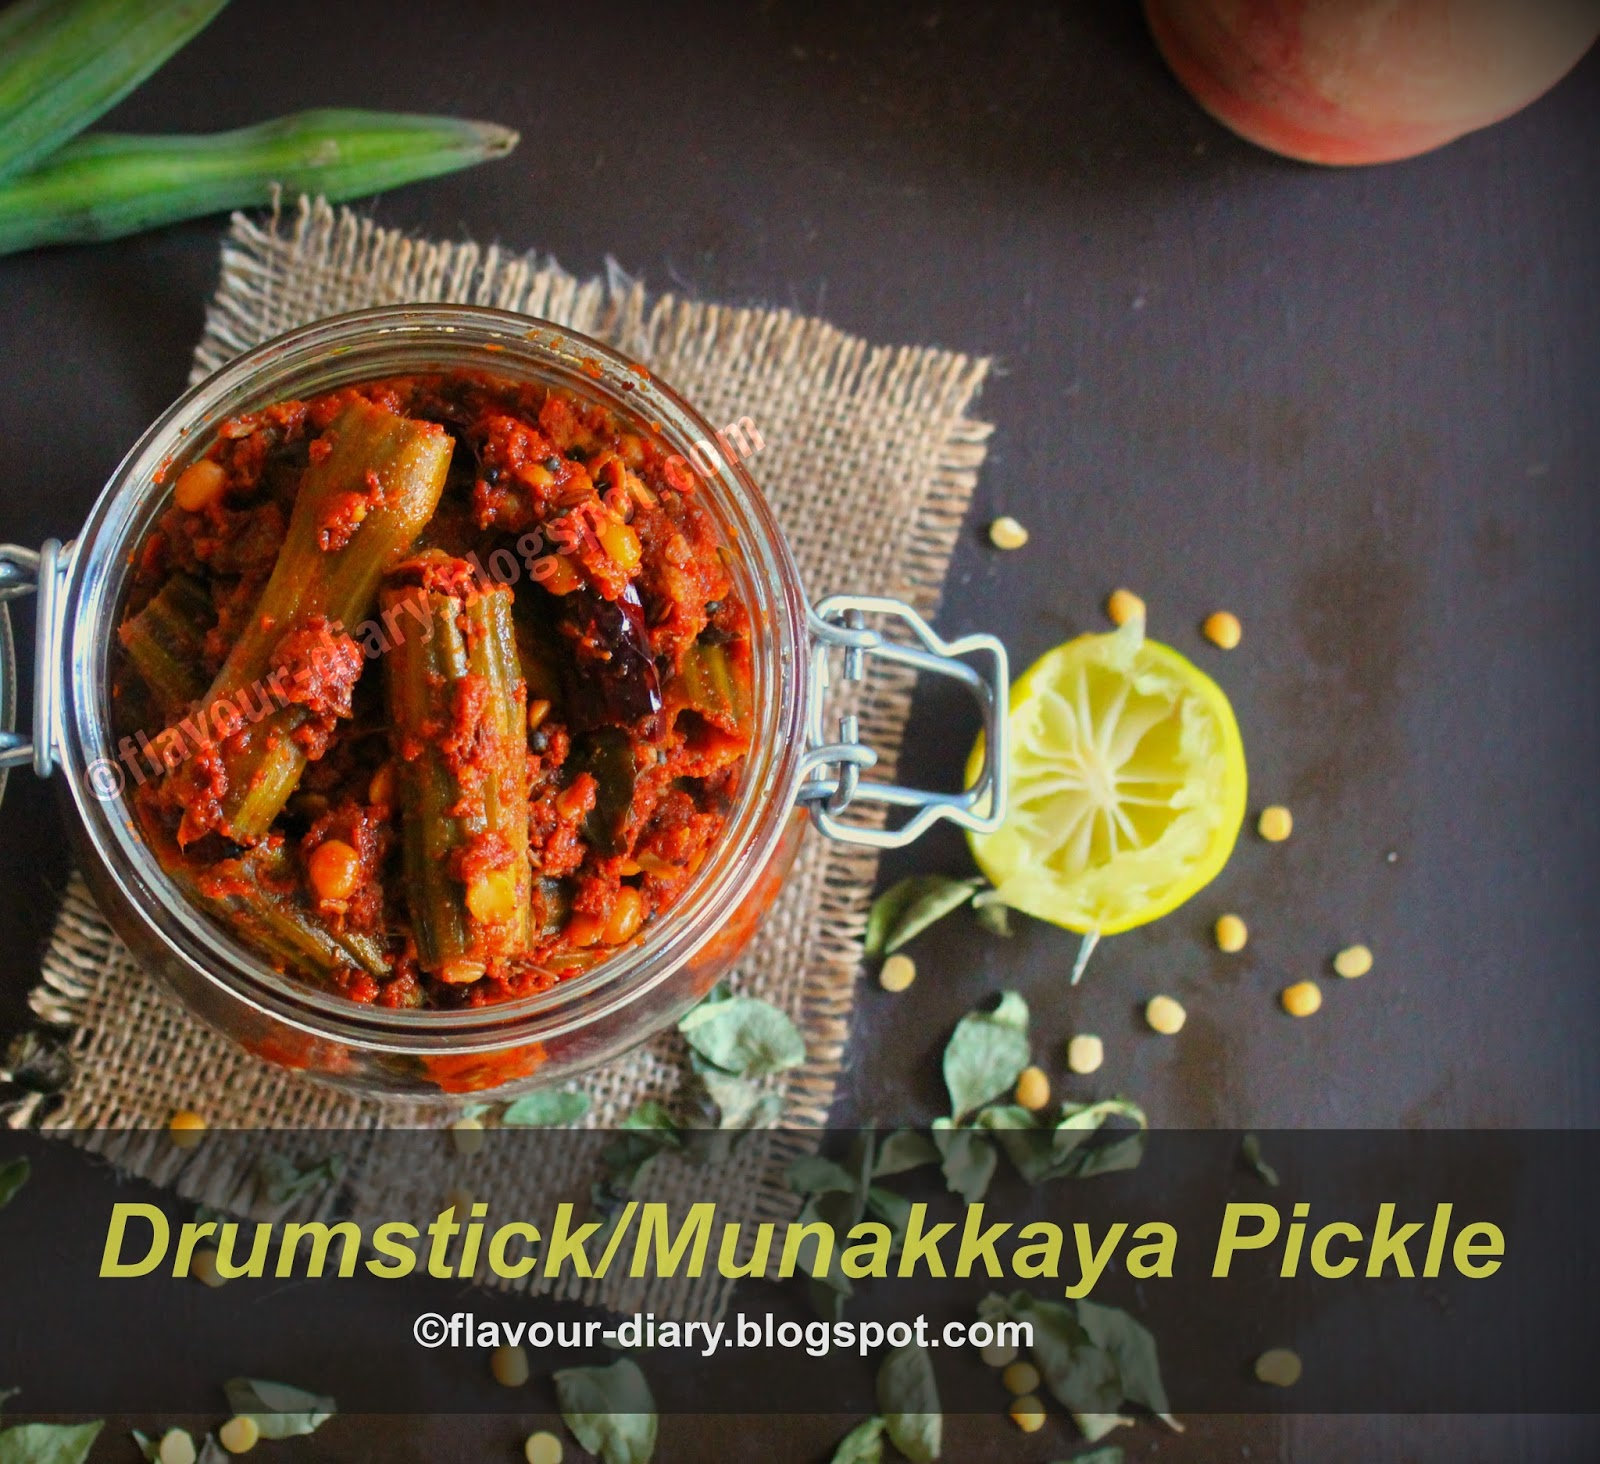 Drumstick Munakkaya Pickle